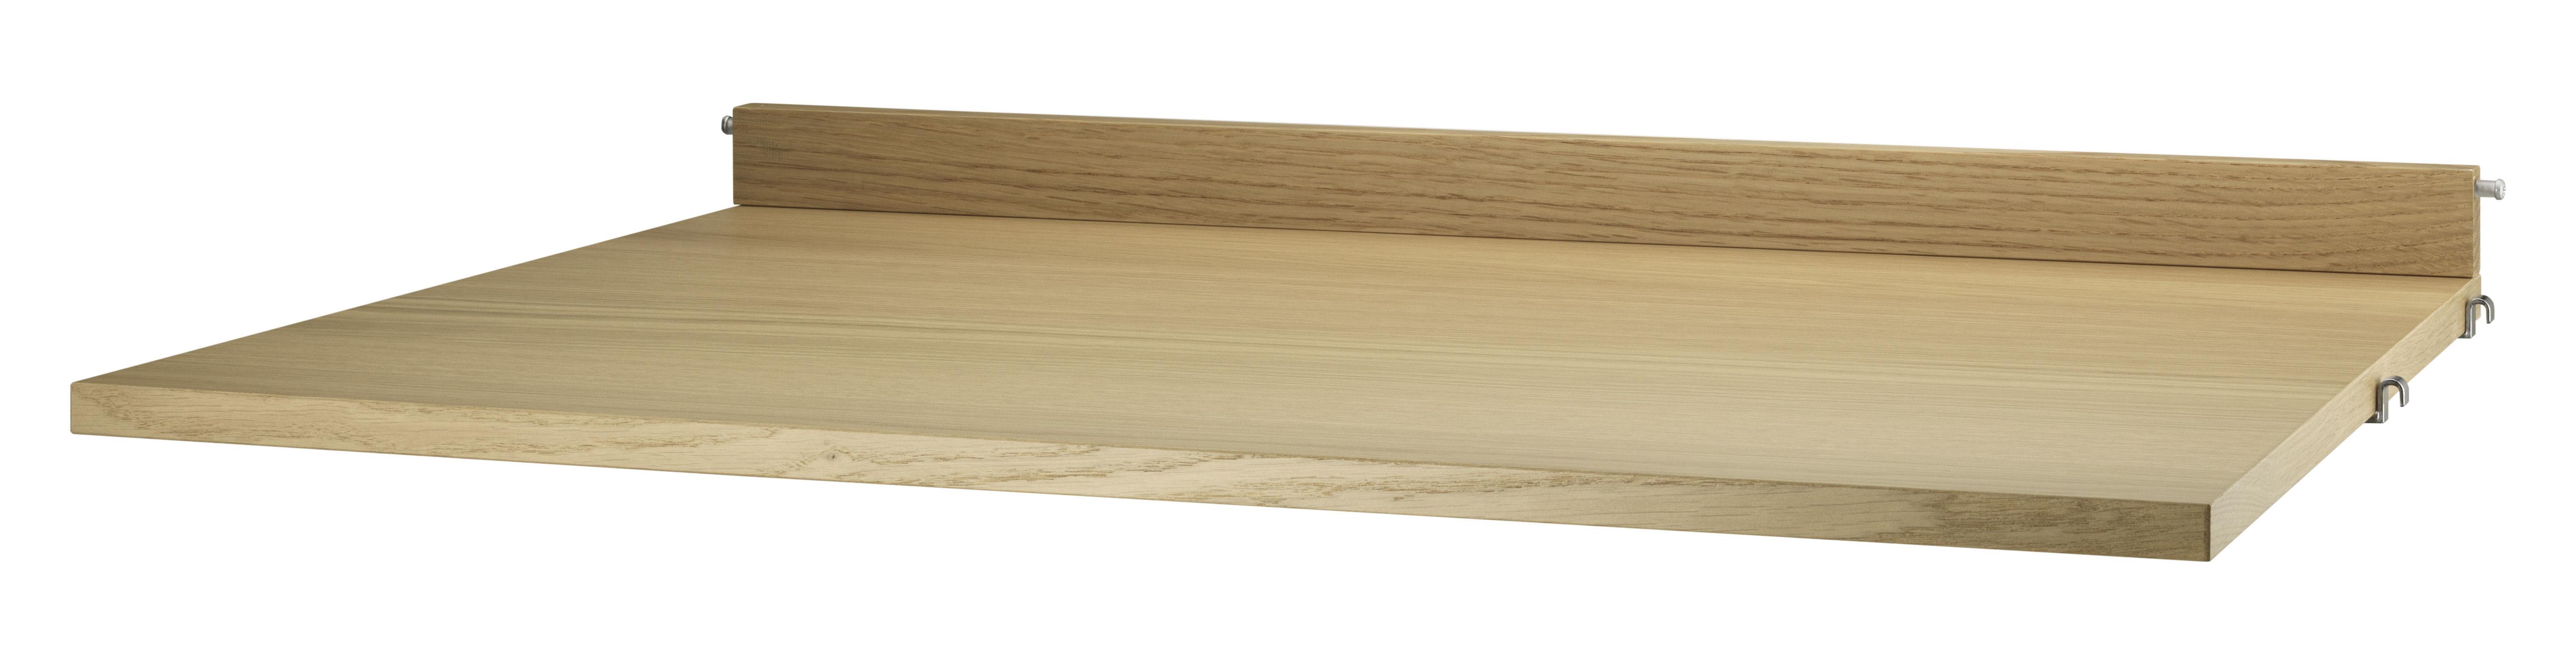 Mobilier - Etagères & bibliothèques - Tablette String System / Bureau - L 78 x P 58 cm - String Furniture - Chêne - Contreplaqué de chêne aggloméré